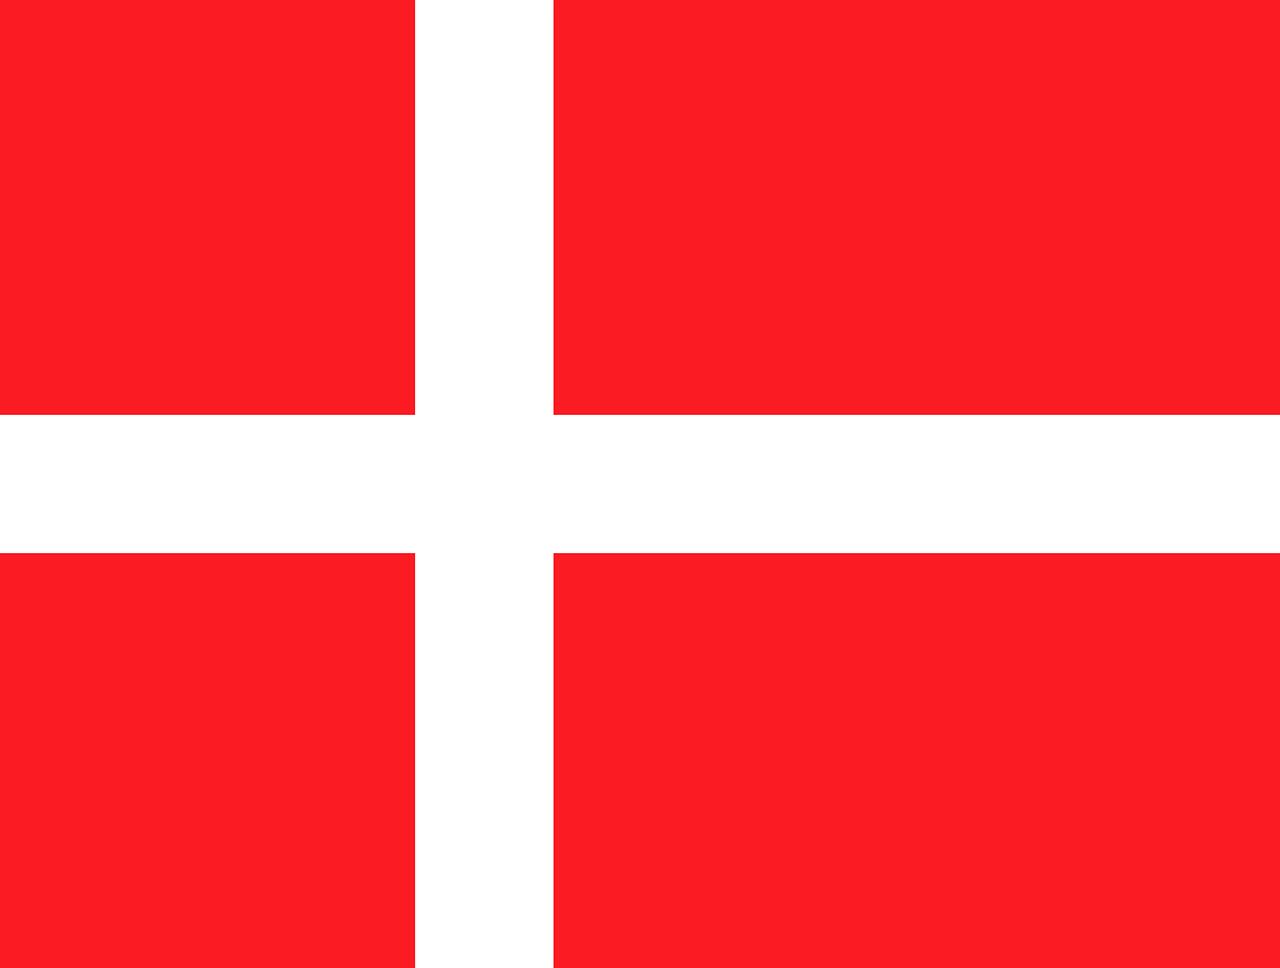 Praca w Danii, czyli kogo poszukują duńscy pracodawcy?